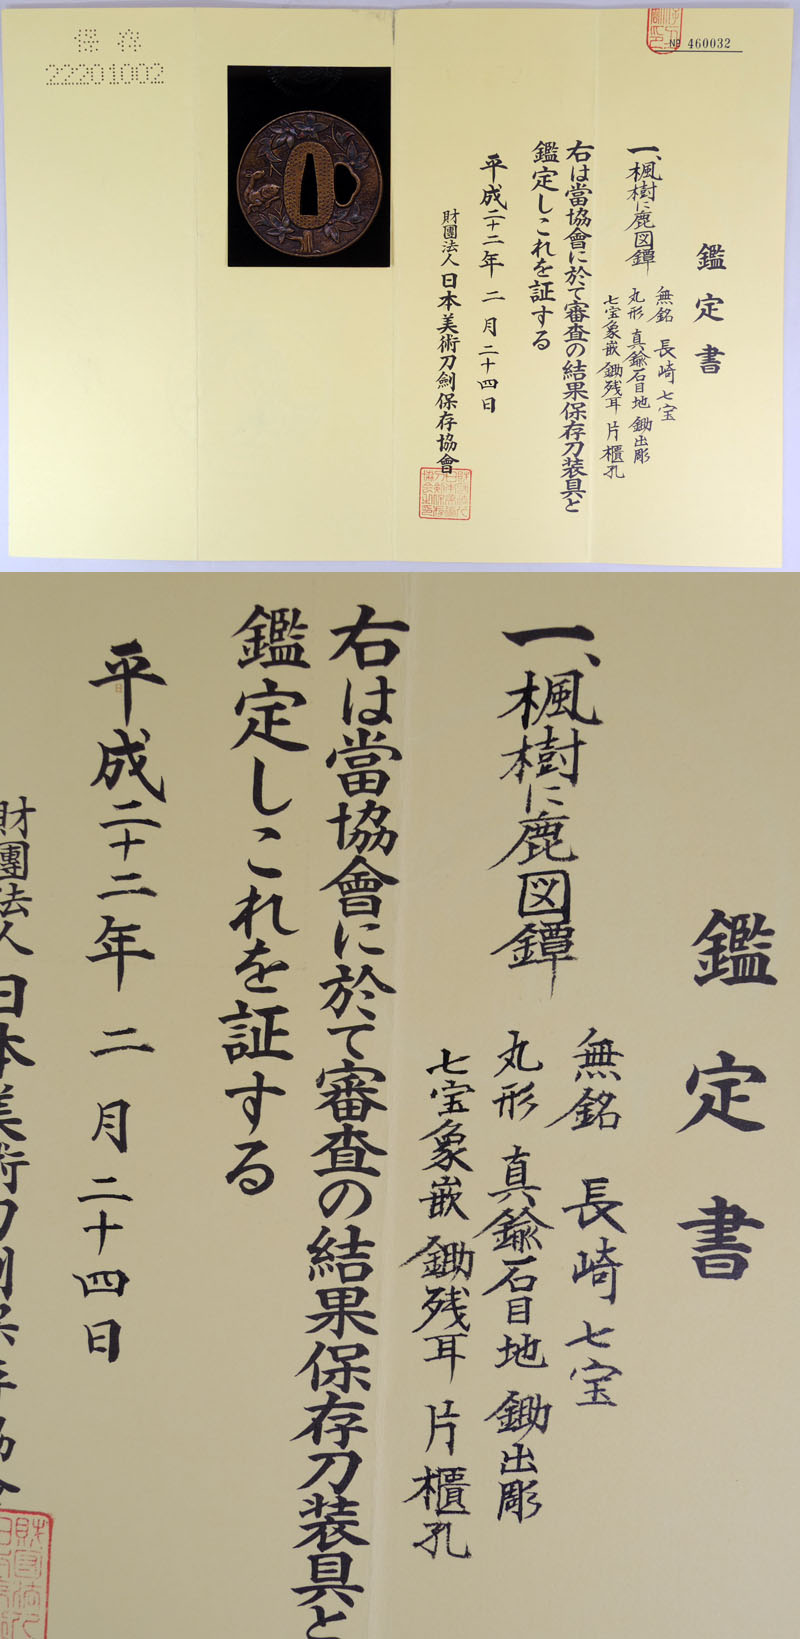 楓樹に鹿図鍔 無銘 長崎七宝鑑定書画像